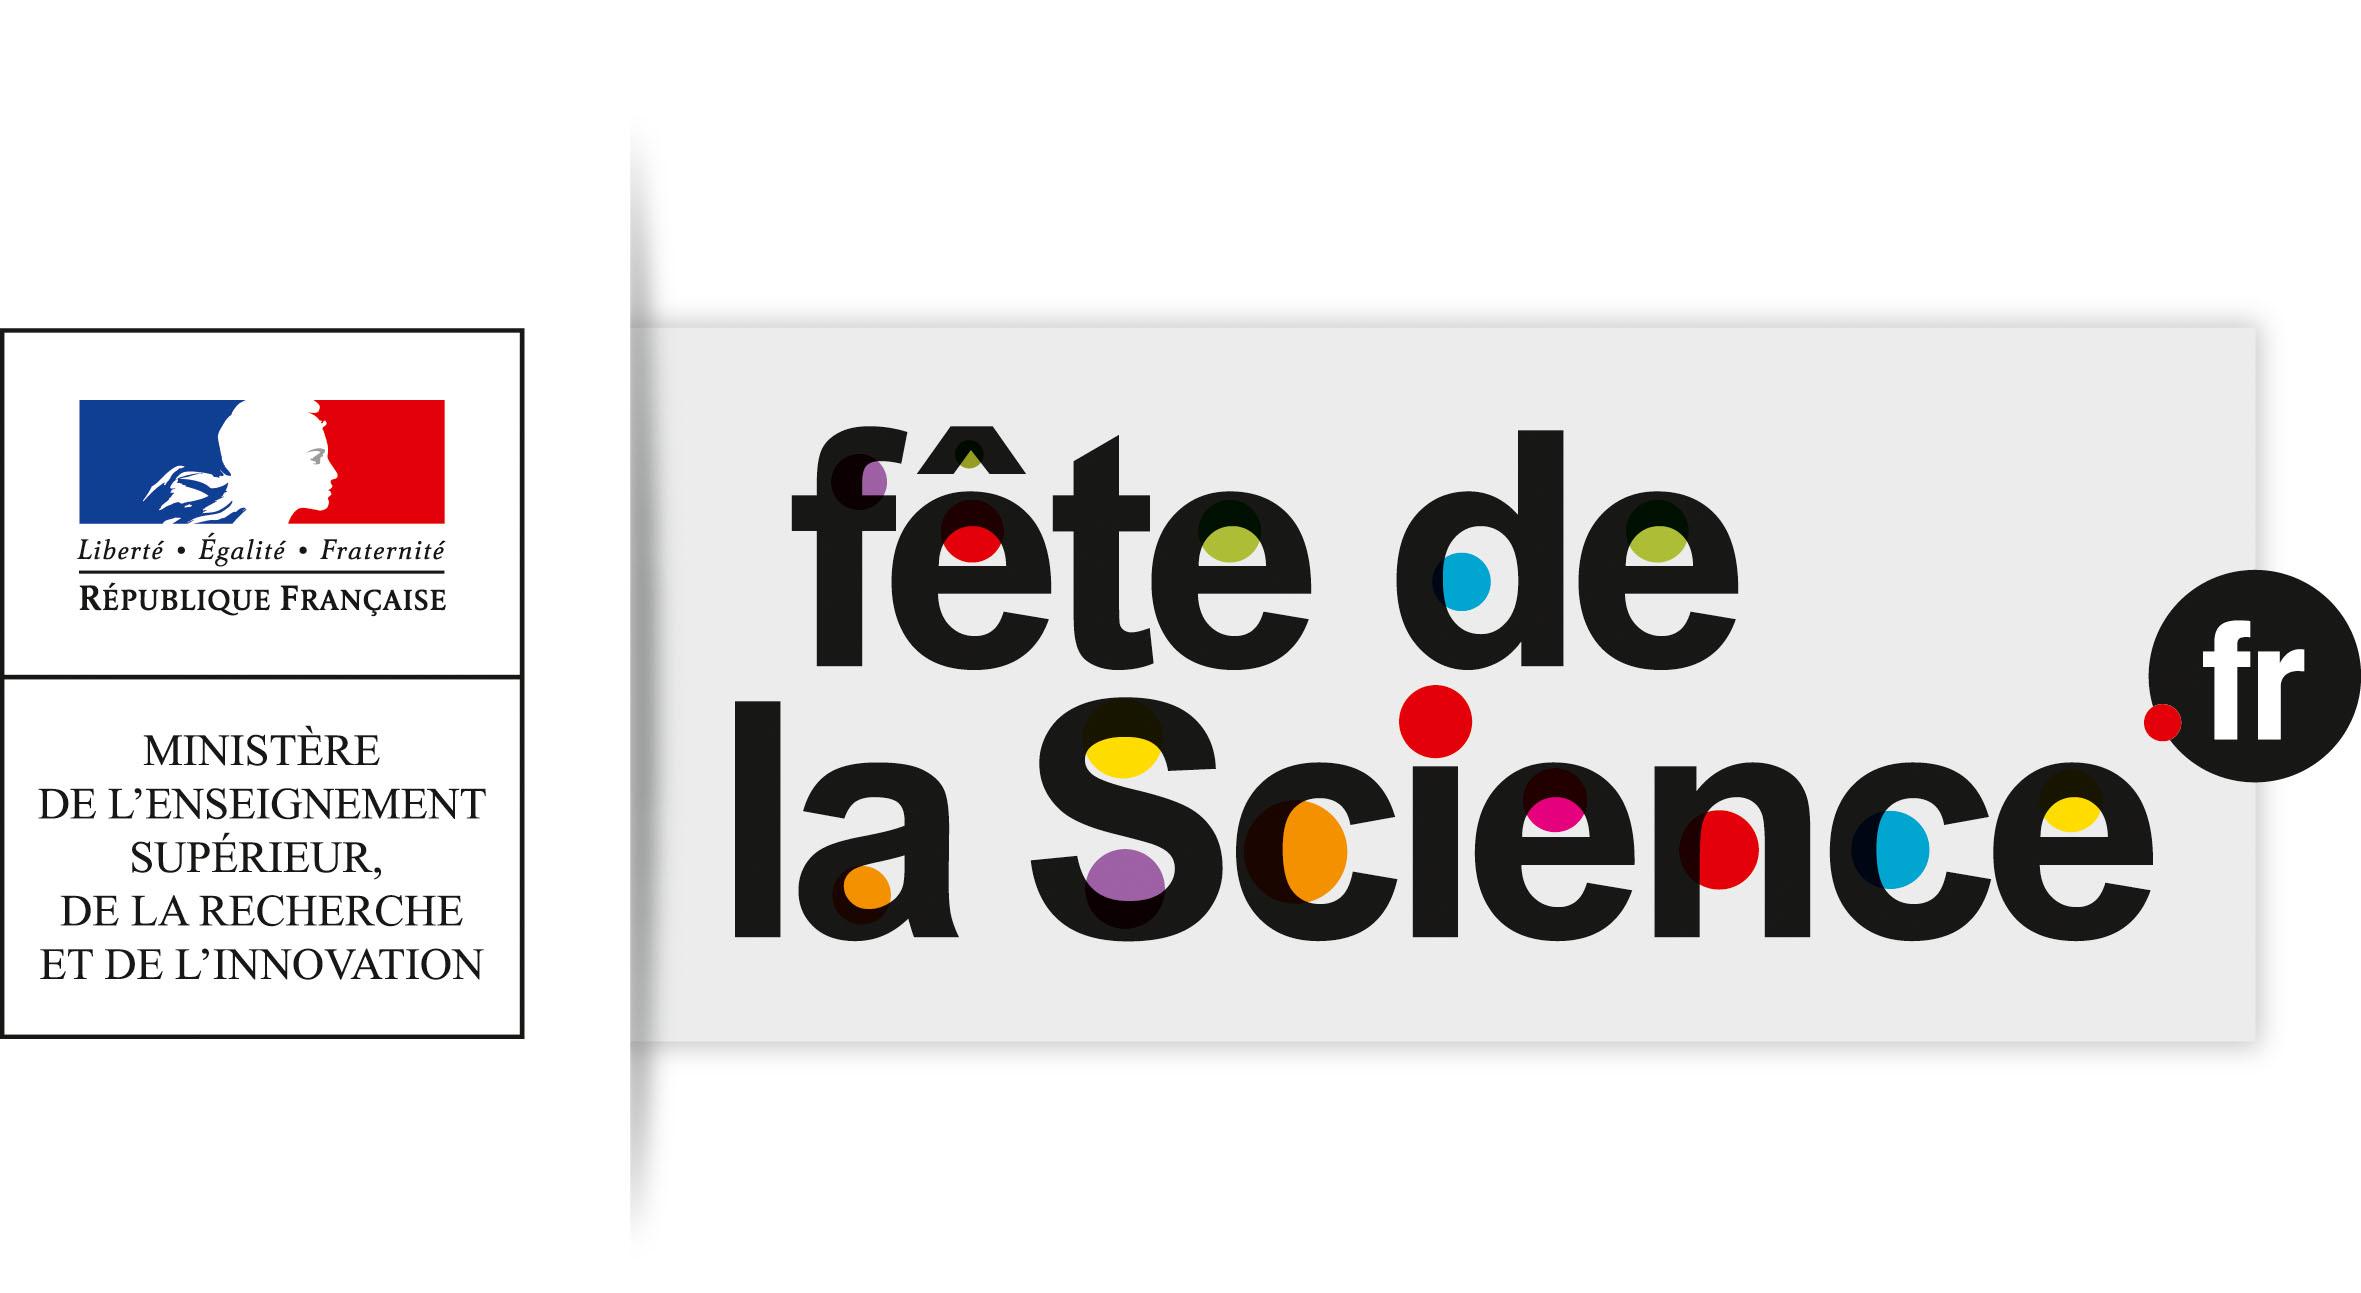 LOGO National fête de la science